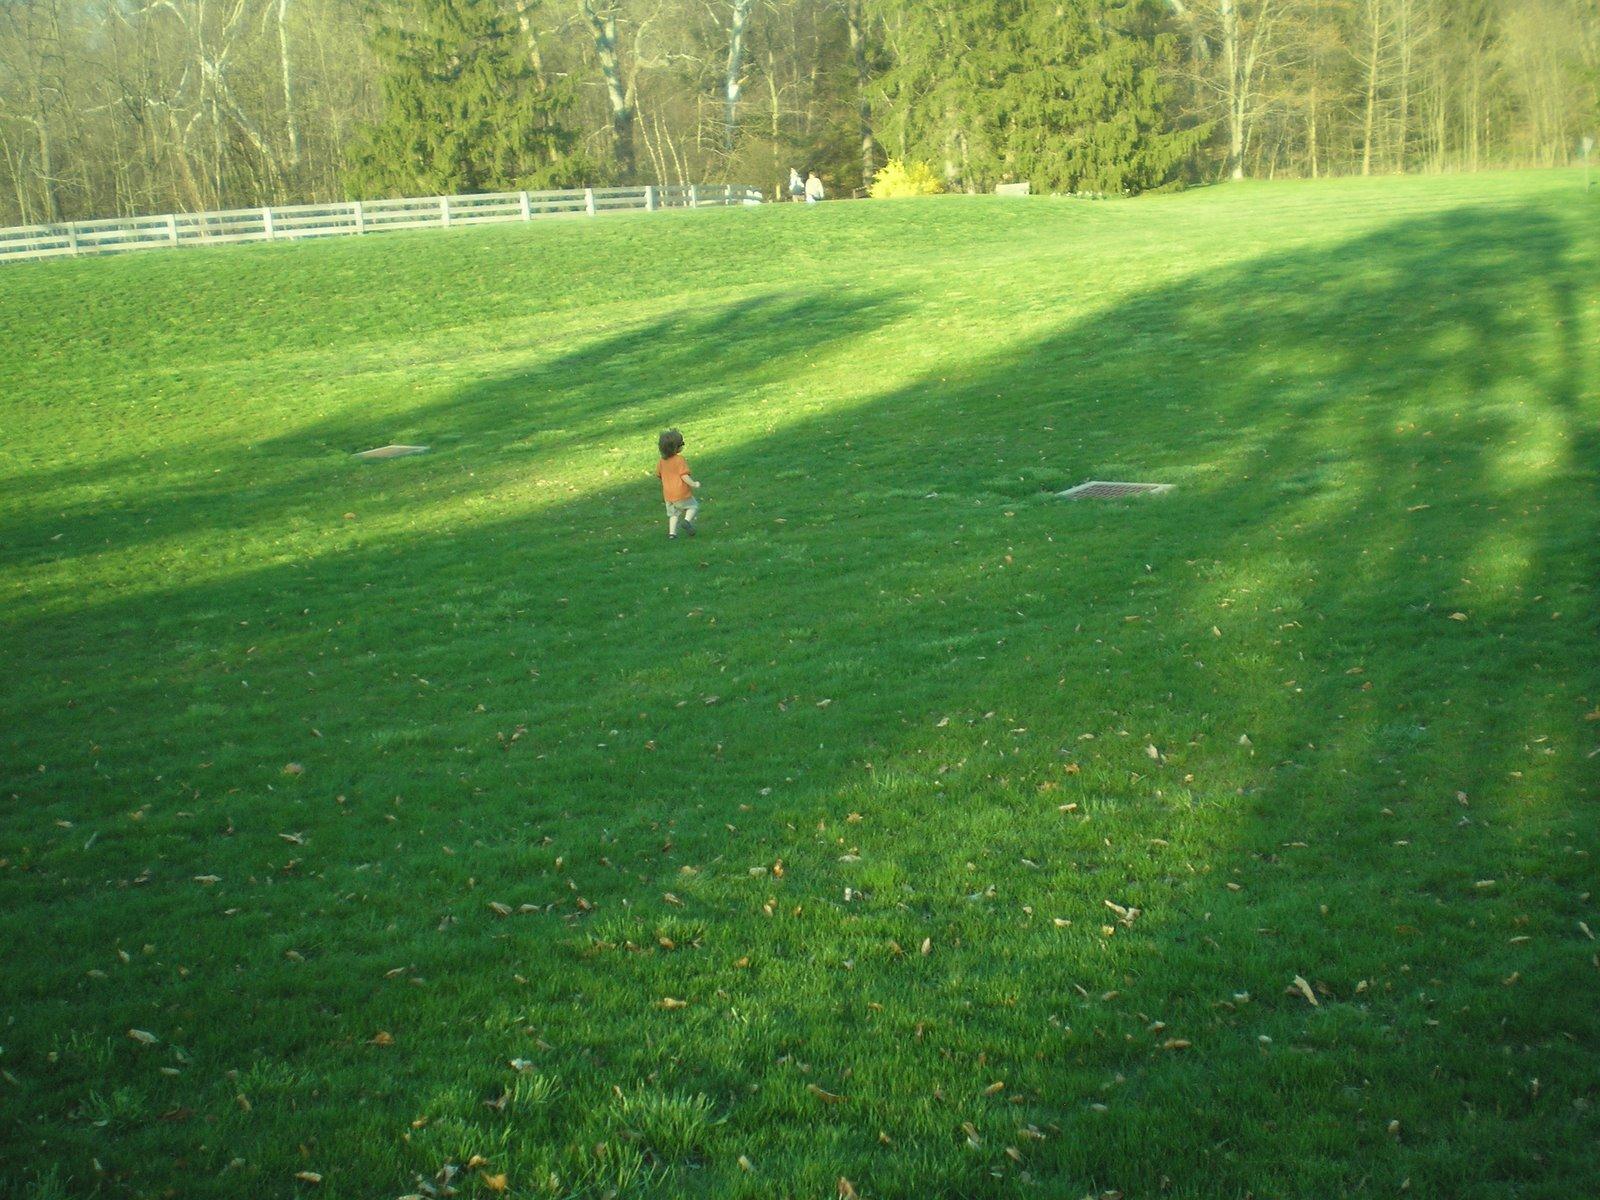 Little run run run runaway